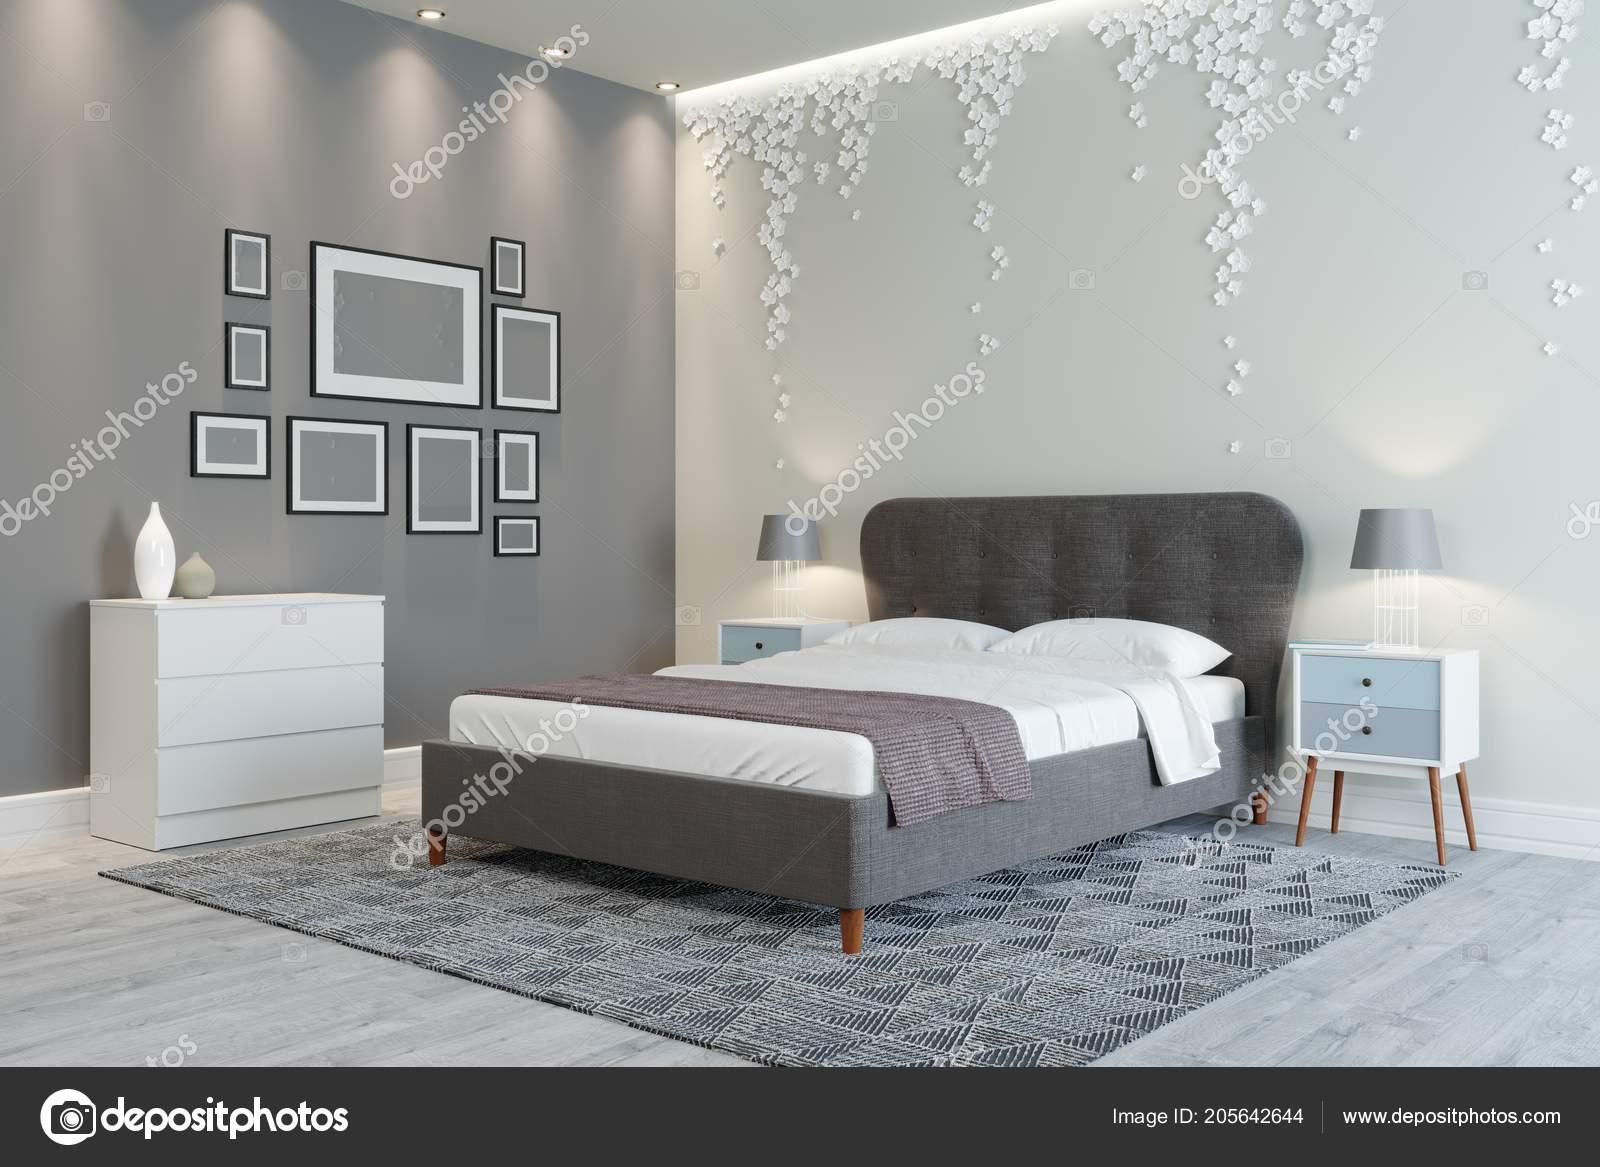 Ein Gemütliches Schlafzimmer Design Helle Farben Wand Dekoriert U2014 Stockfoto